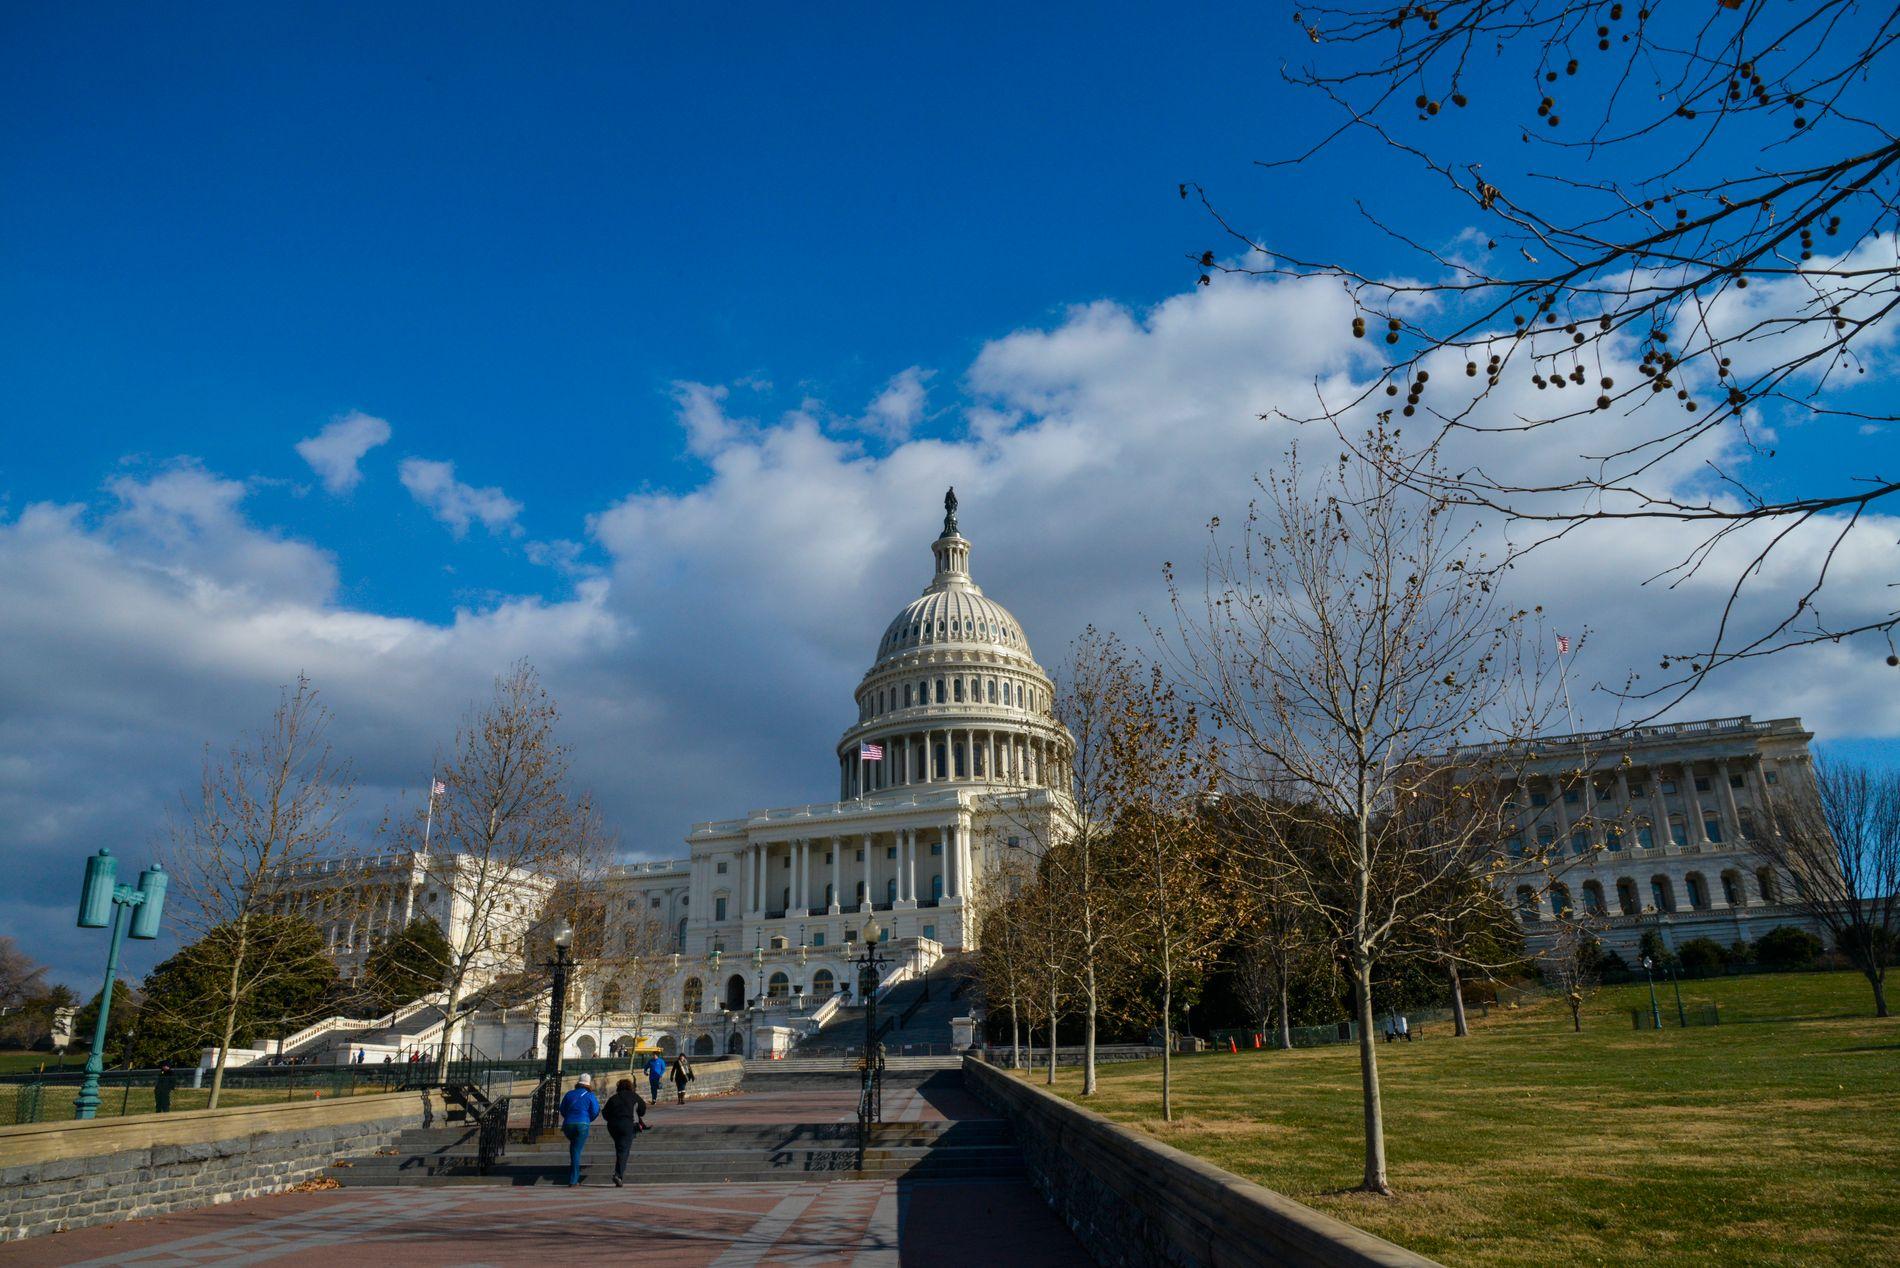 KONGRESSEN: Totalt 470 personer skal velges til Kongressen i Washington, D.C. ved årets mellomvalg. I tillegg kommer guvernører og delstatspolitikere.